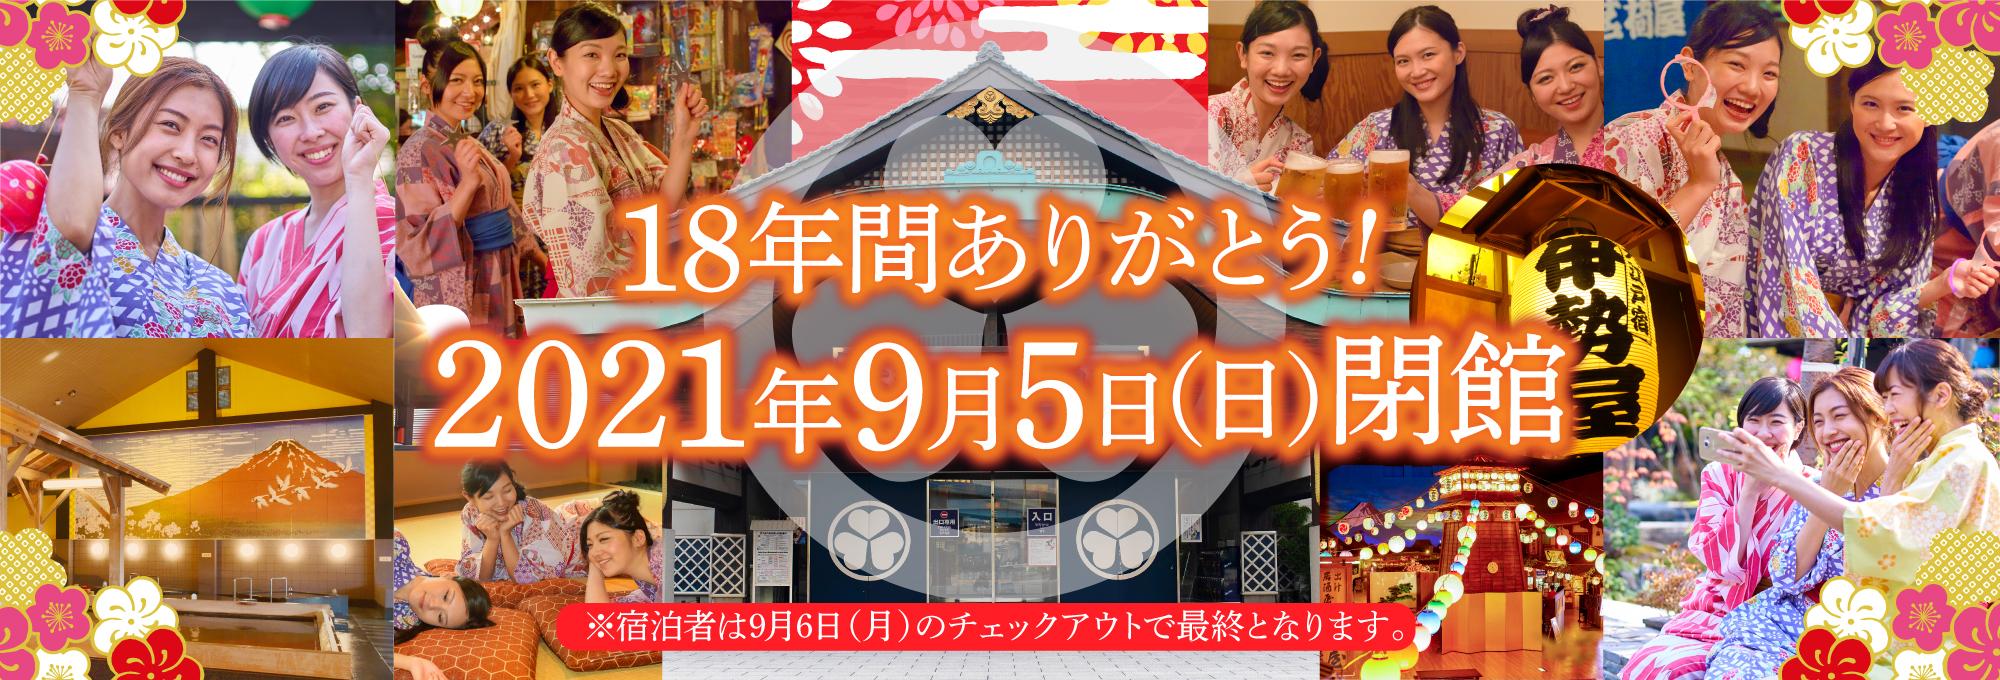 東京お台場 大江戸温泉物語、18年の歴史に幕。閉館へ。コロナのせいではなく、都の土地の賃借が再契約出来なかったため。2021/9/5閉鎖。